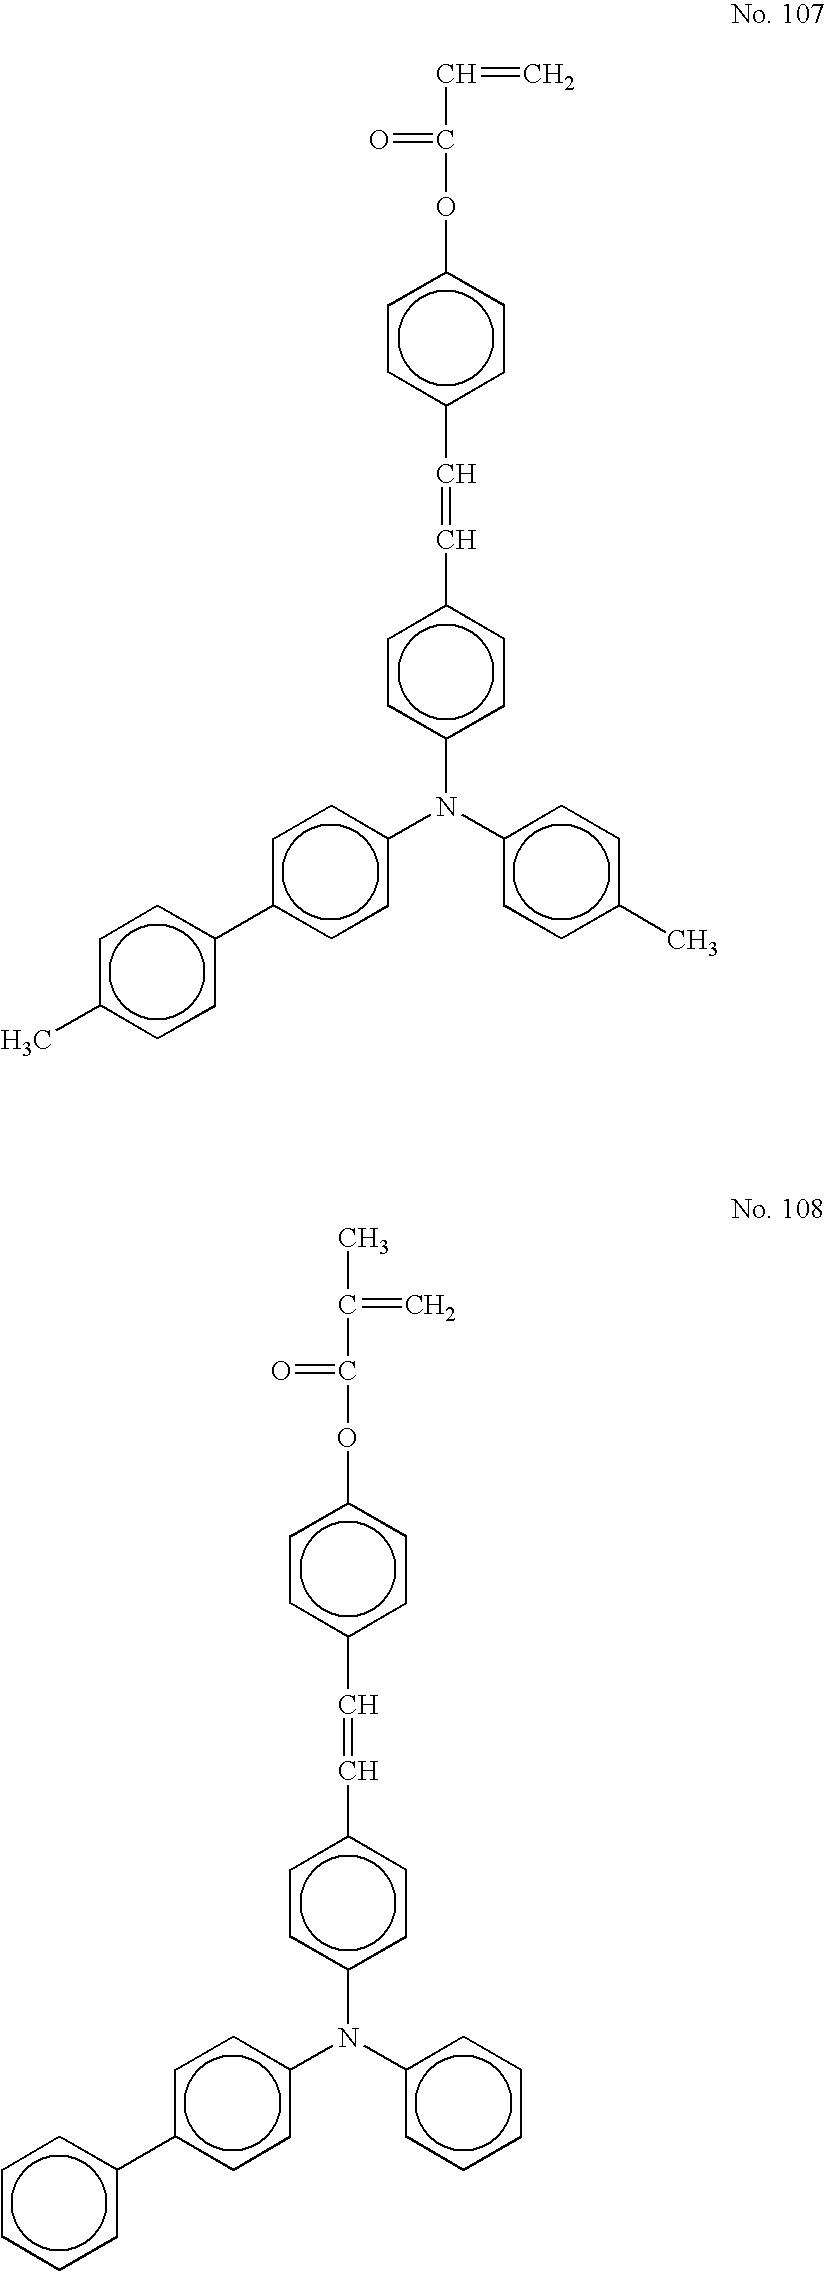 Figure US20040253527A1-20041216-C00048